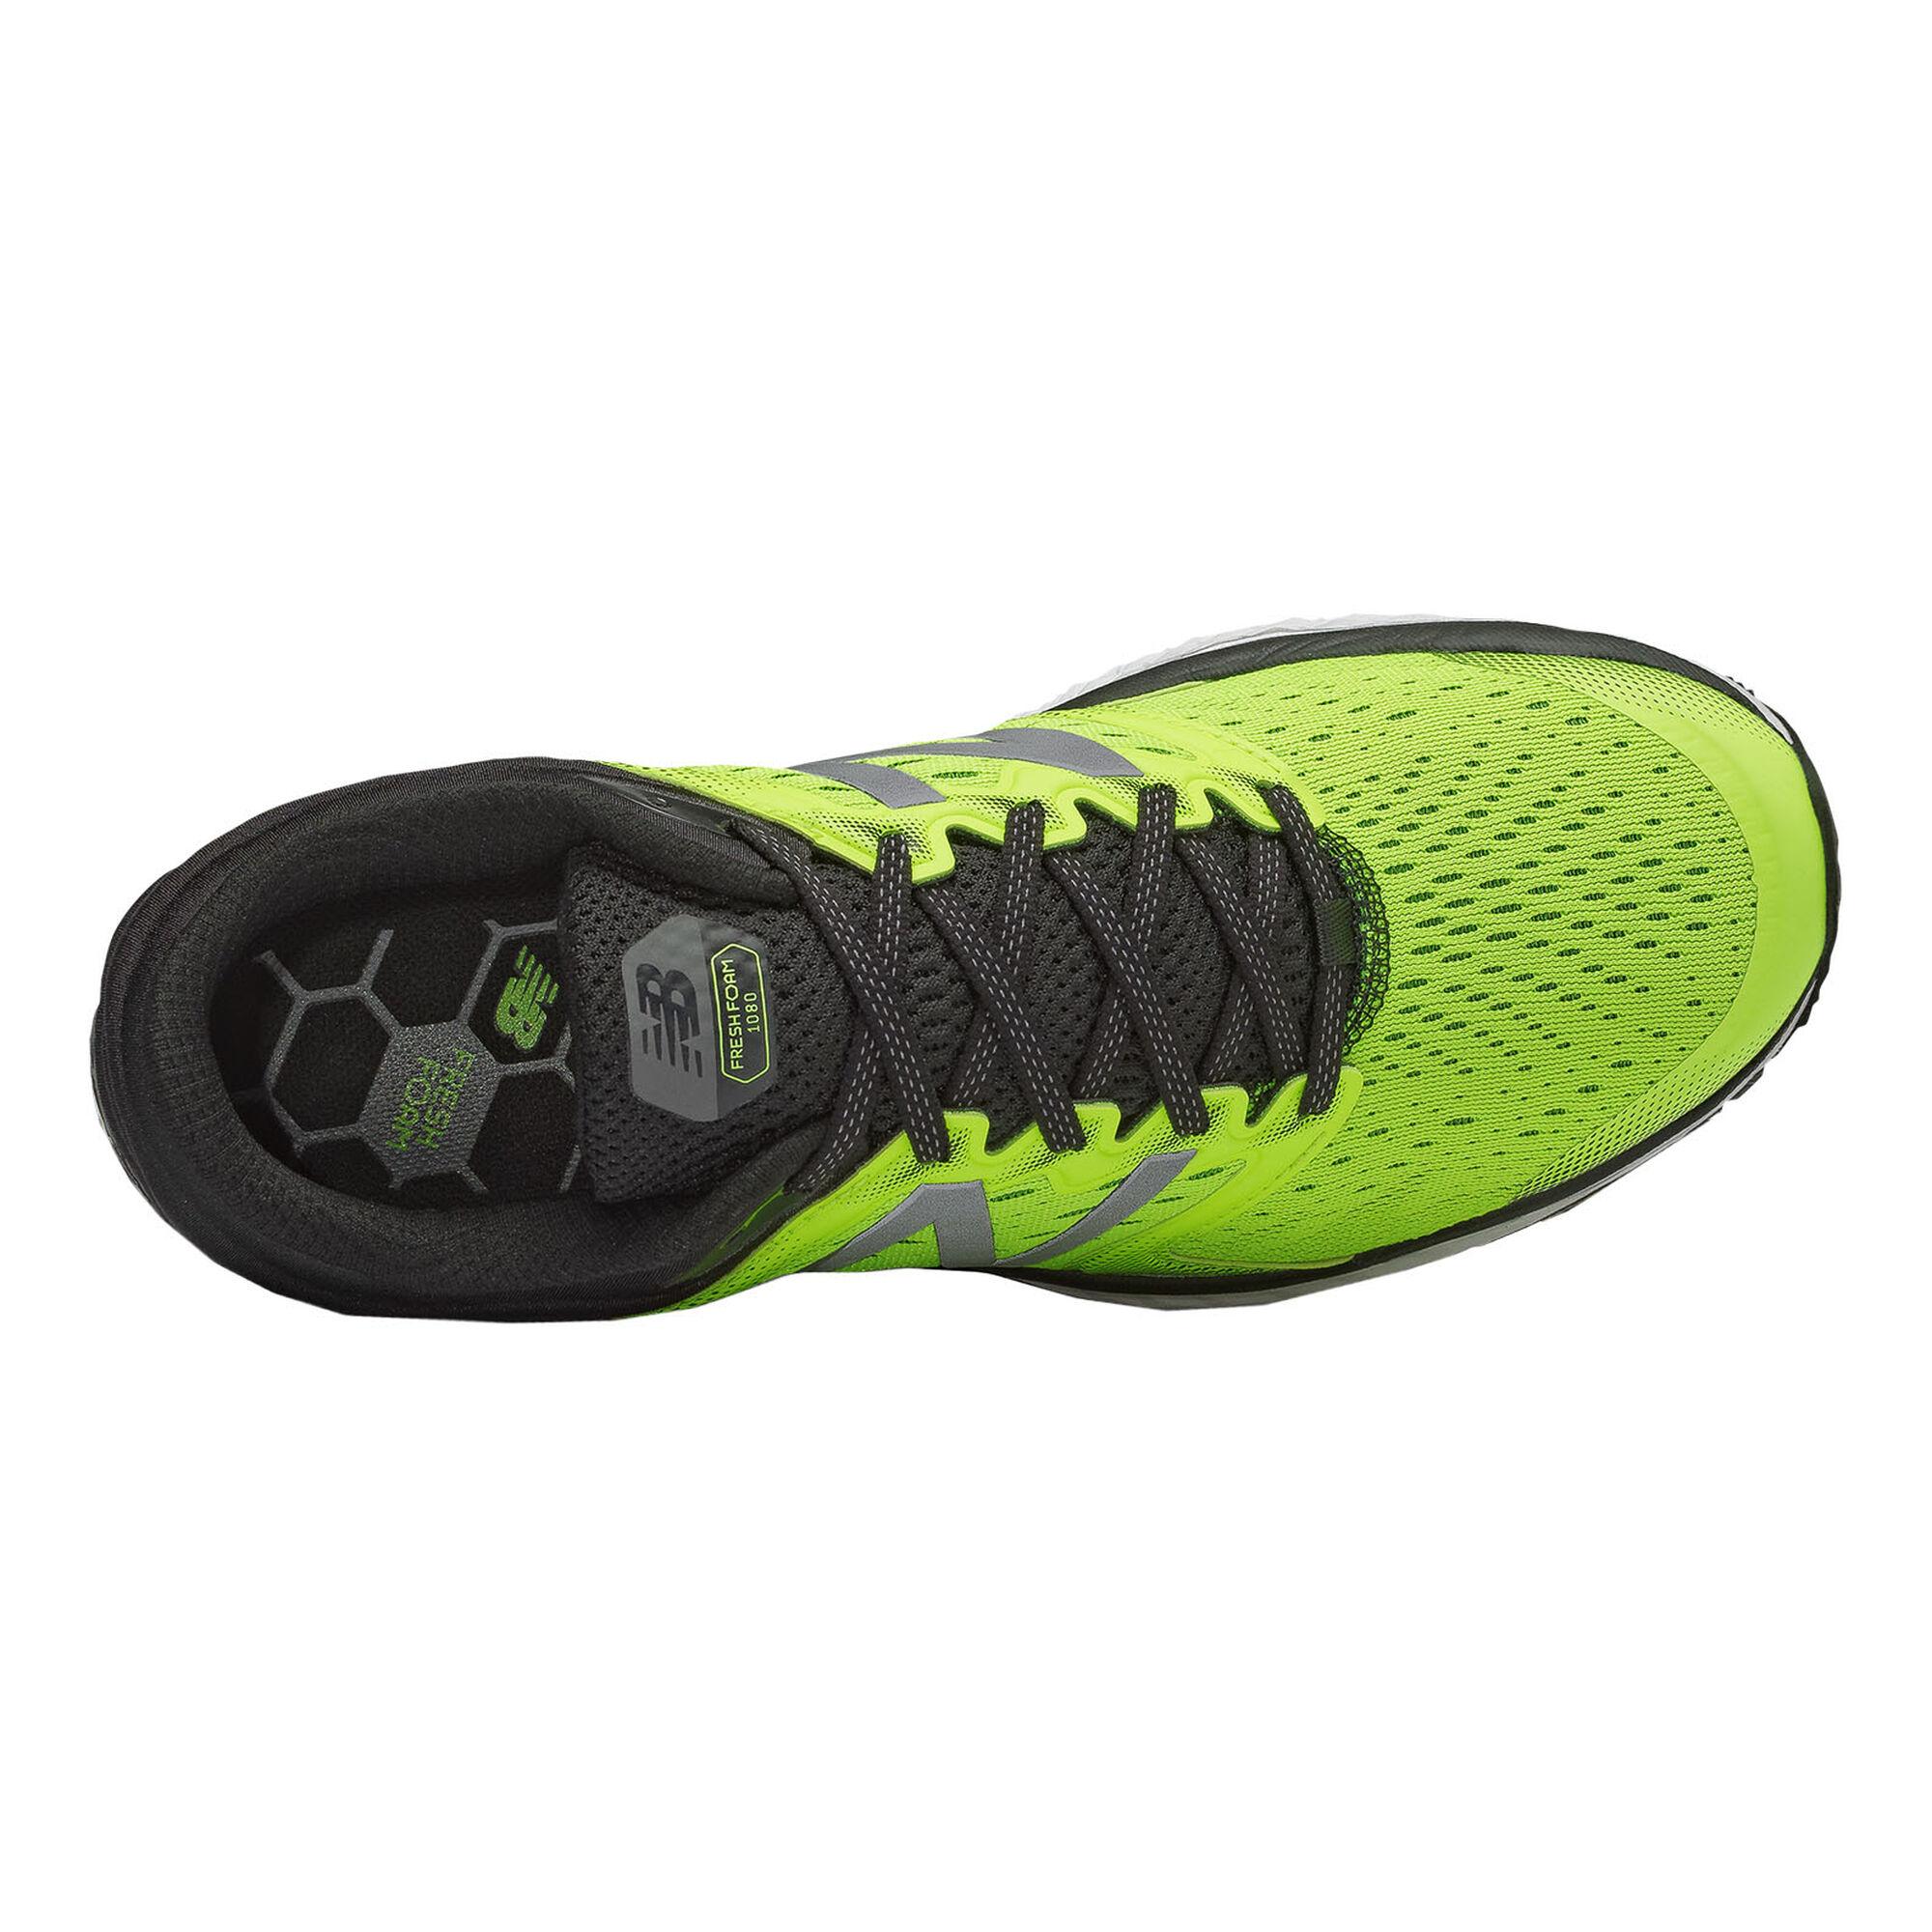 best authentic 28990 36049 buy New Balance Fresh Foam 1080 V8 Neutral Running Shoe Men ...